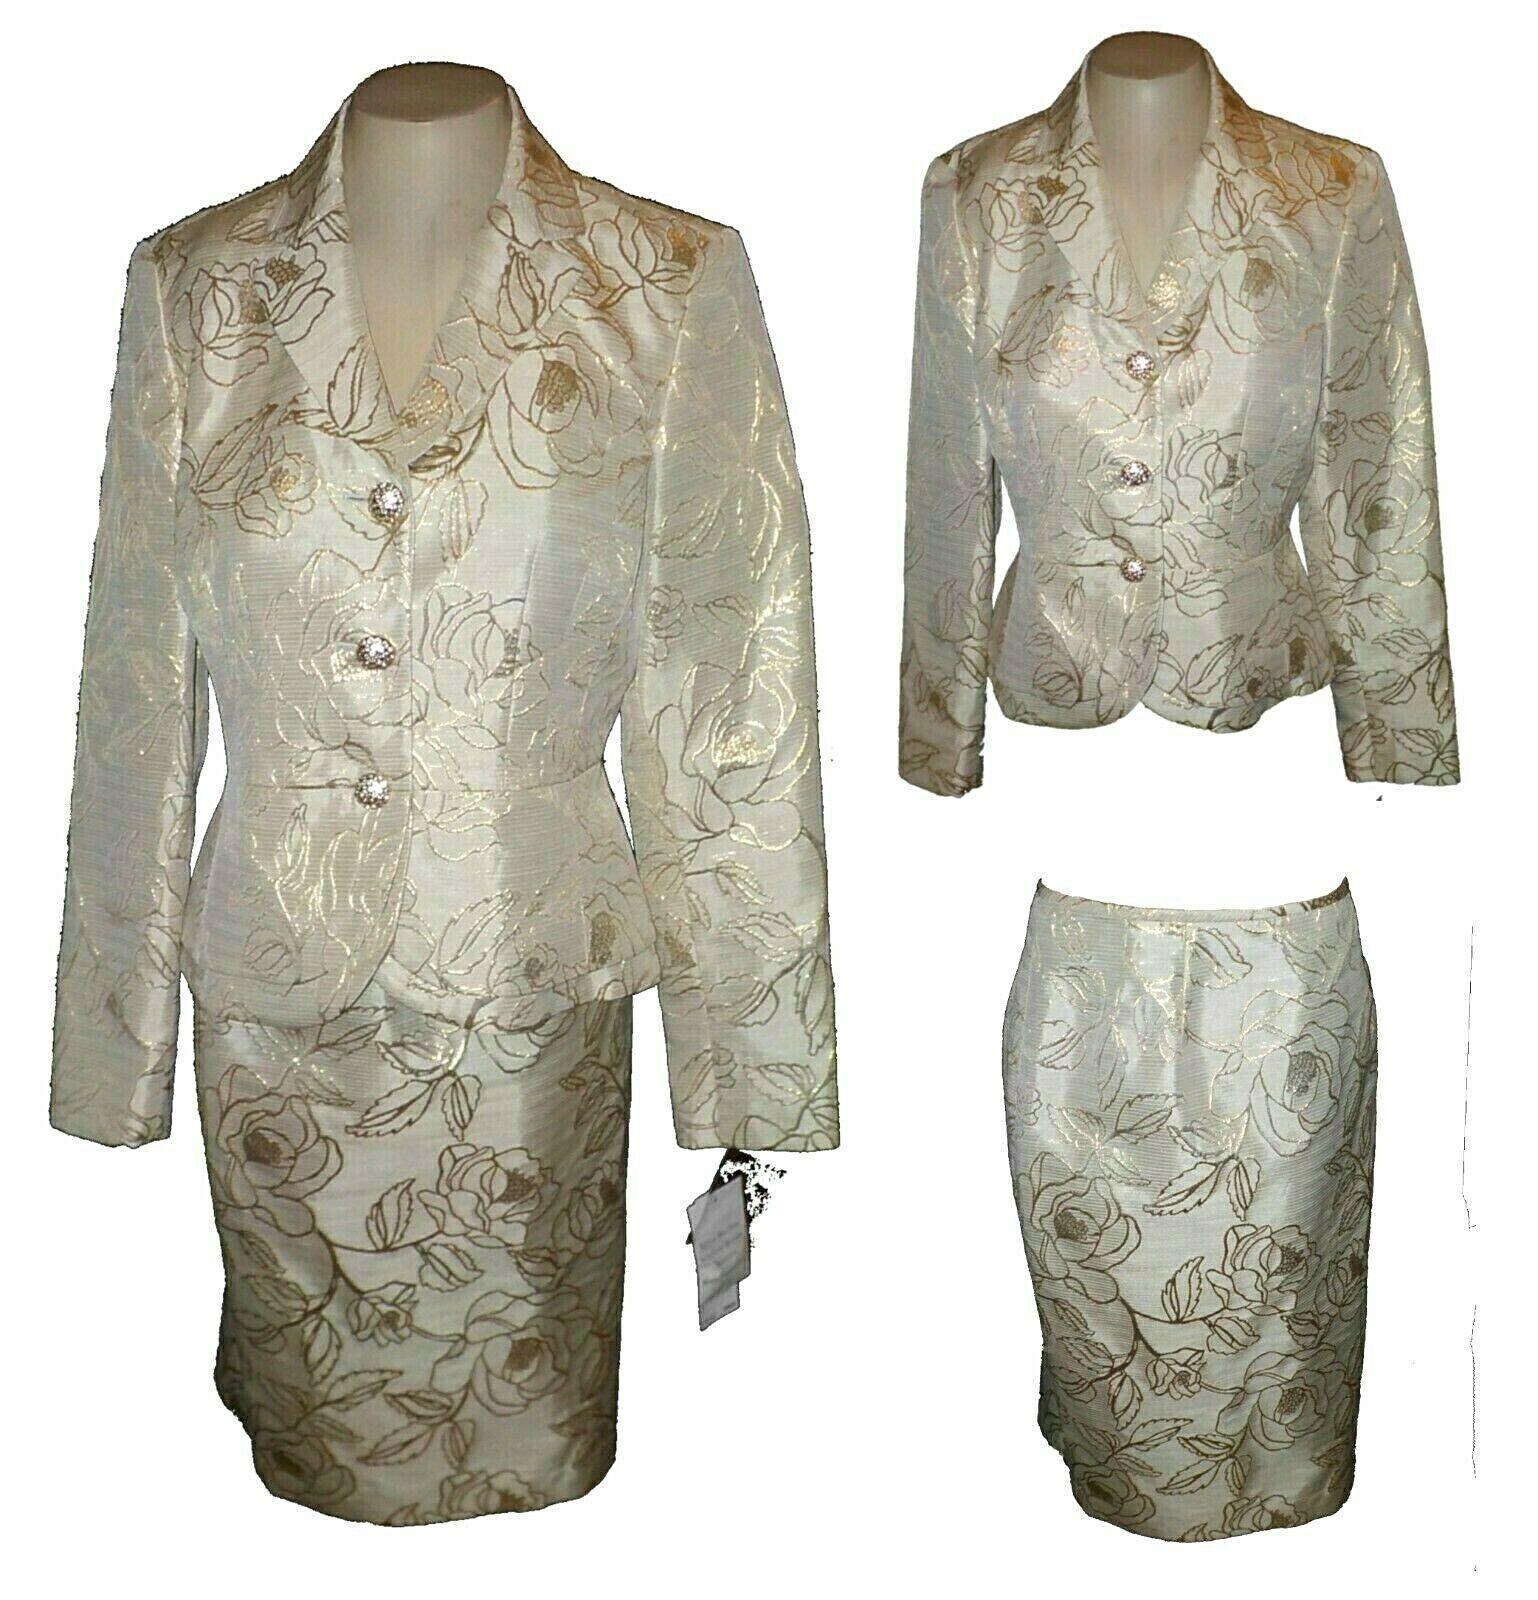 Traje 2PC   blazer y falda, Kasper noche brasileño Noches De oro-precio minorista sugerido por el fabricante  280.00 6  ofrecemos varias marcas famosas